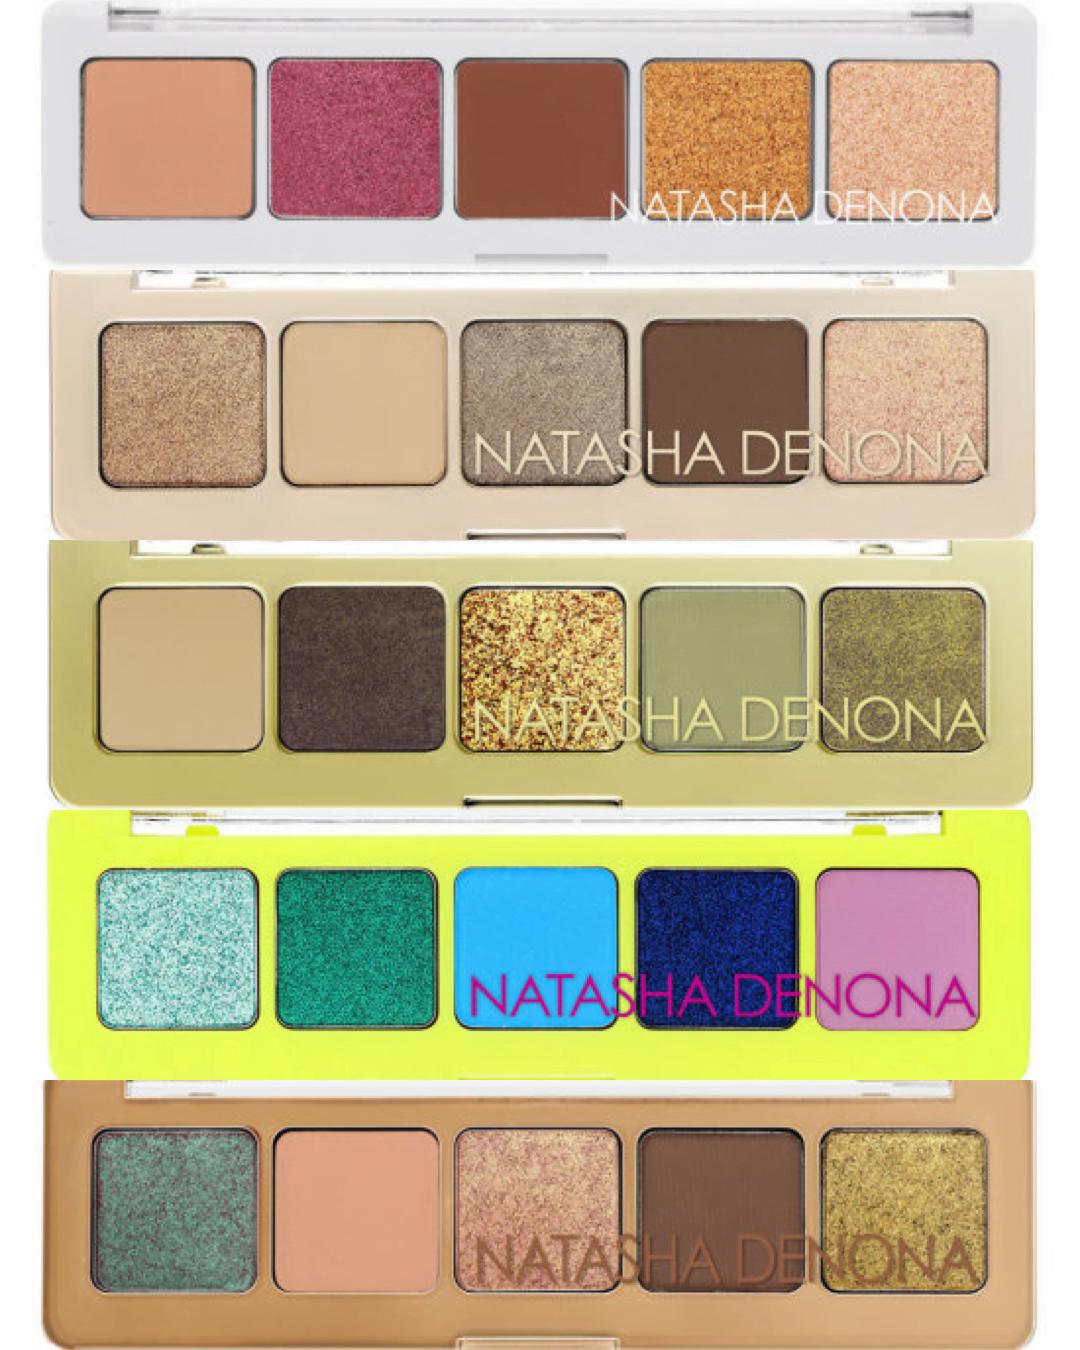 Natasha Denona Mini Palettes Collection